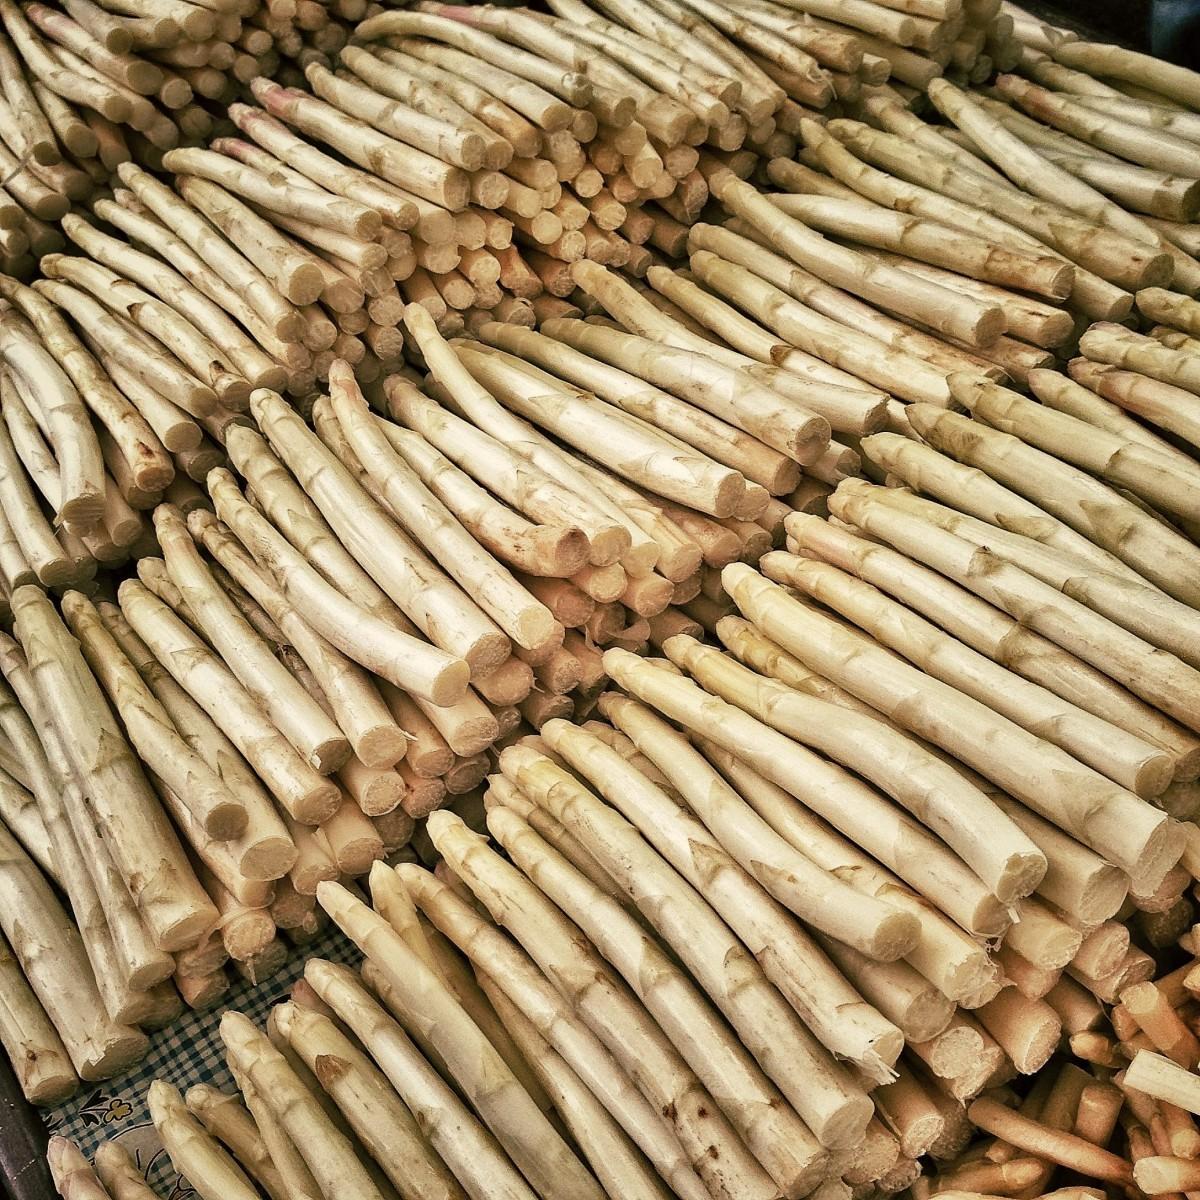 kostenlose foto lebensmittel produzieren gem se ernte landwirtschaft essen bambus. Black Bedroom Furniture Sets. Home Design Ideas